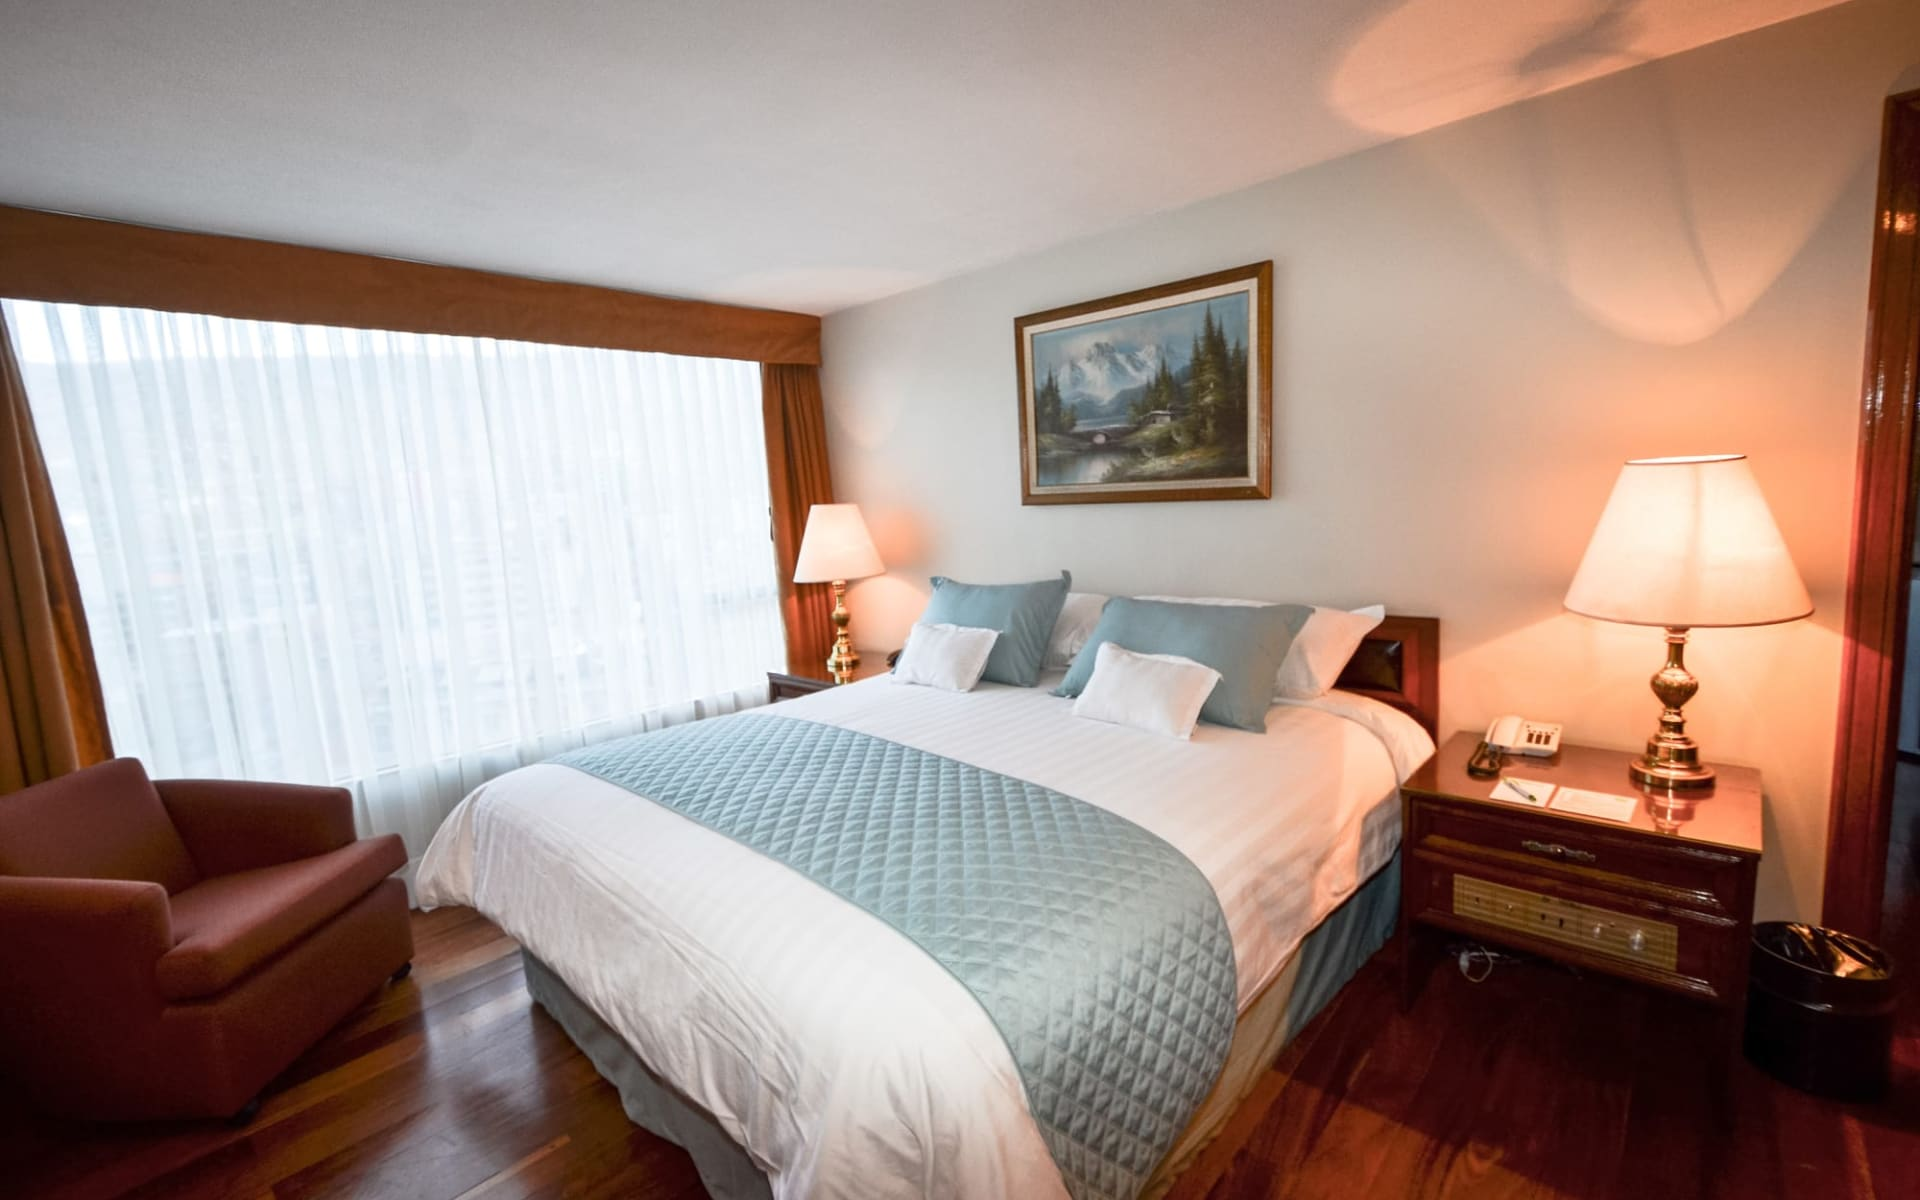 Hotel Presidente in La Paz: Habiacion piso madera